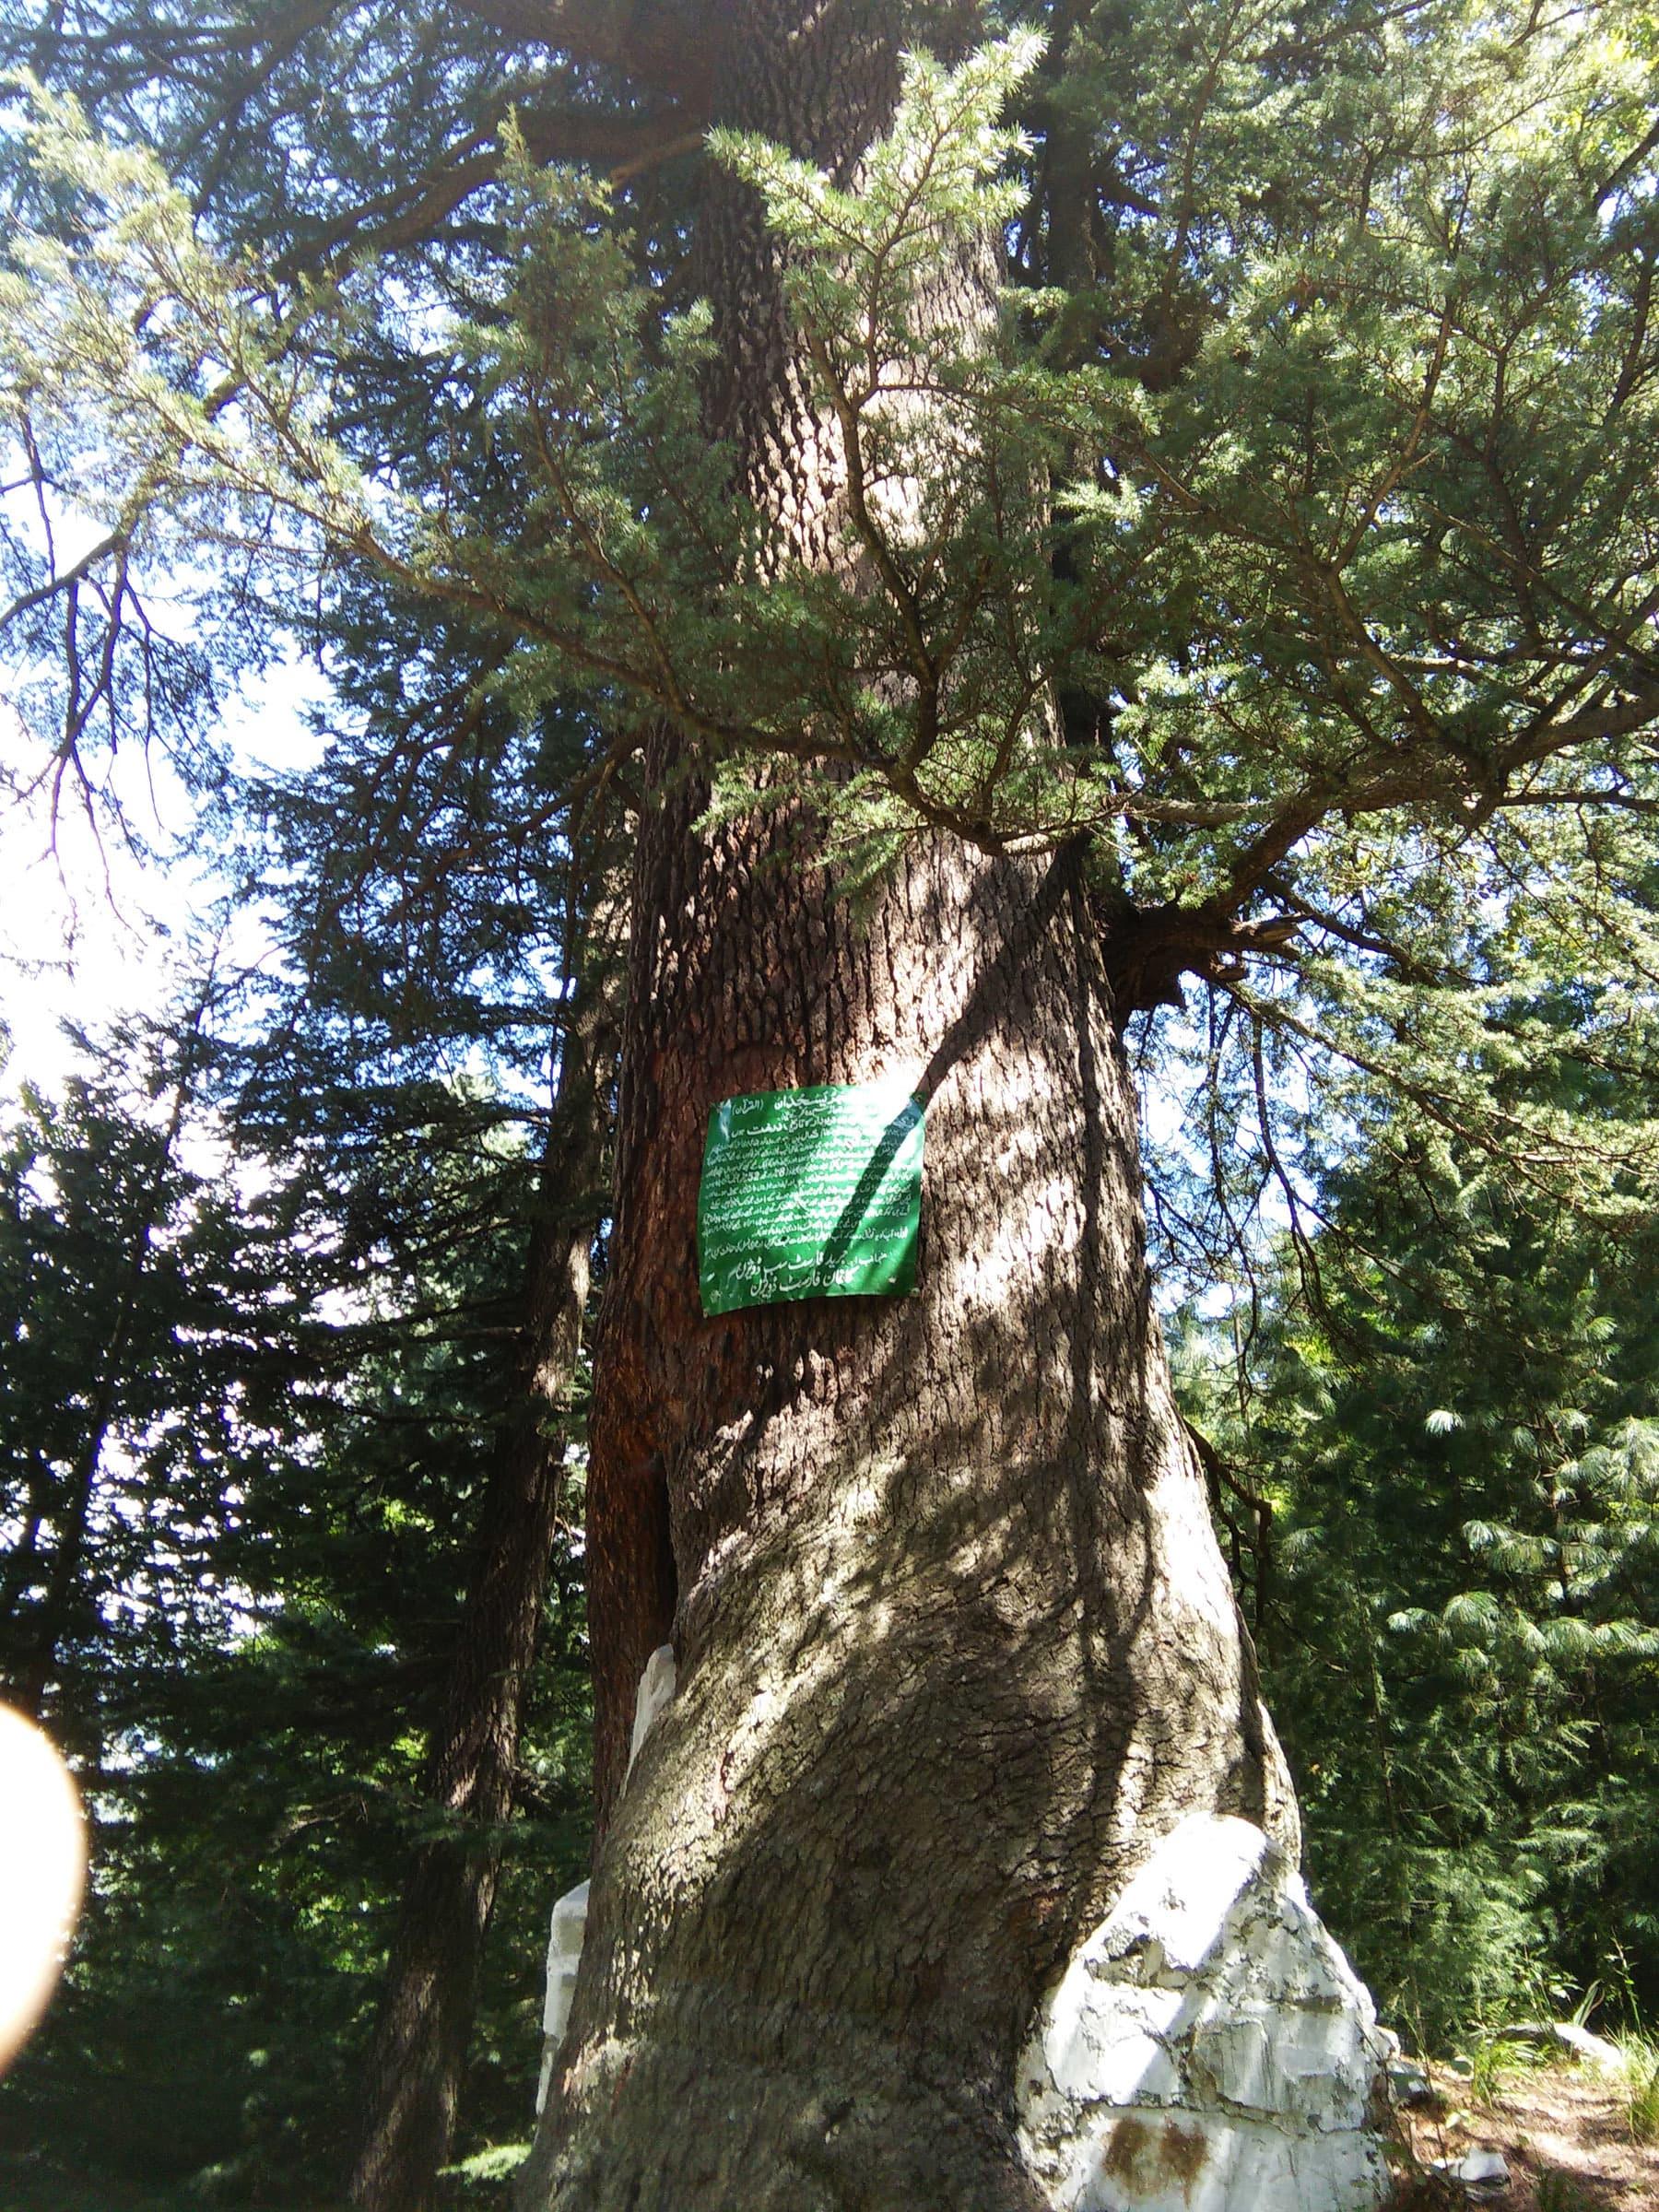 بلاشبہ یہ درخت دیودار درختوں کا 'کے ٹو' ہے—تصویر لکھاری